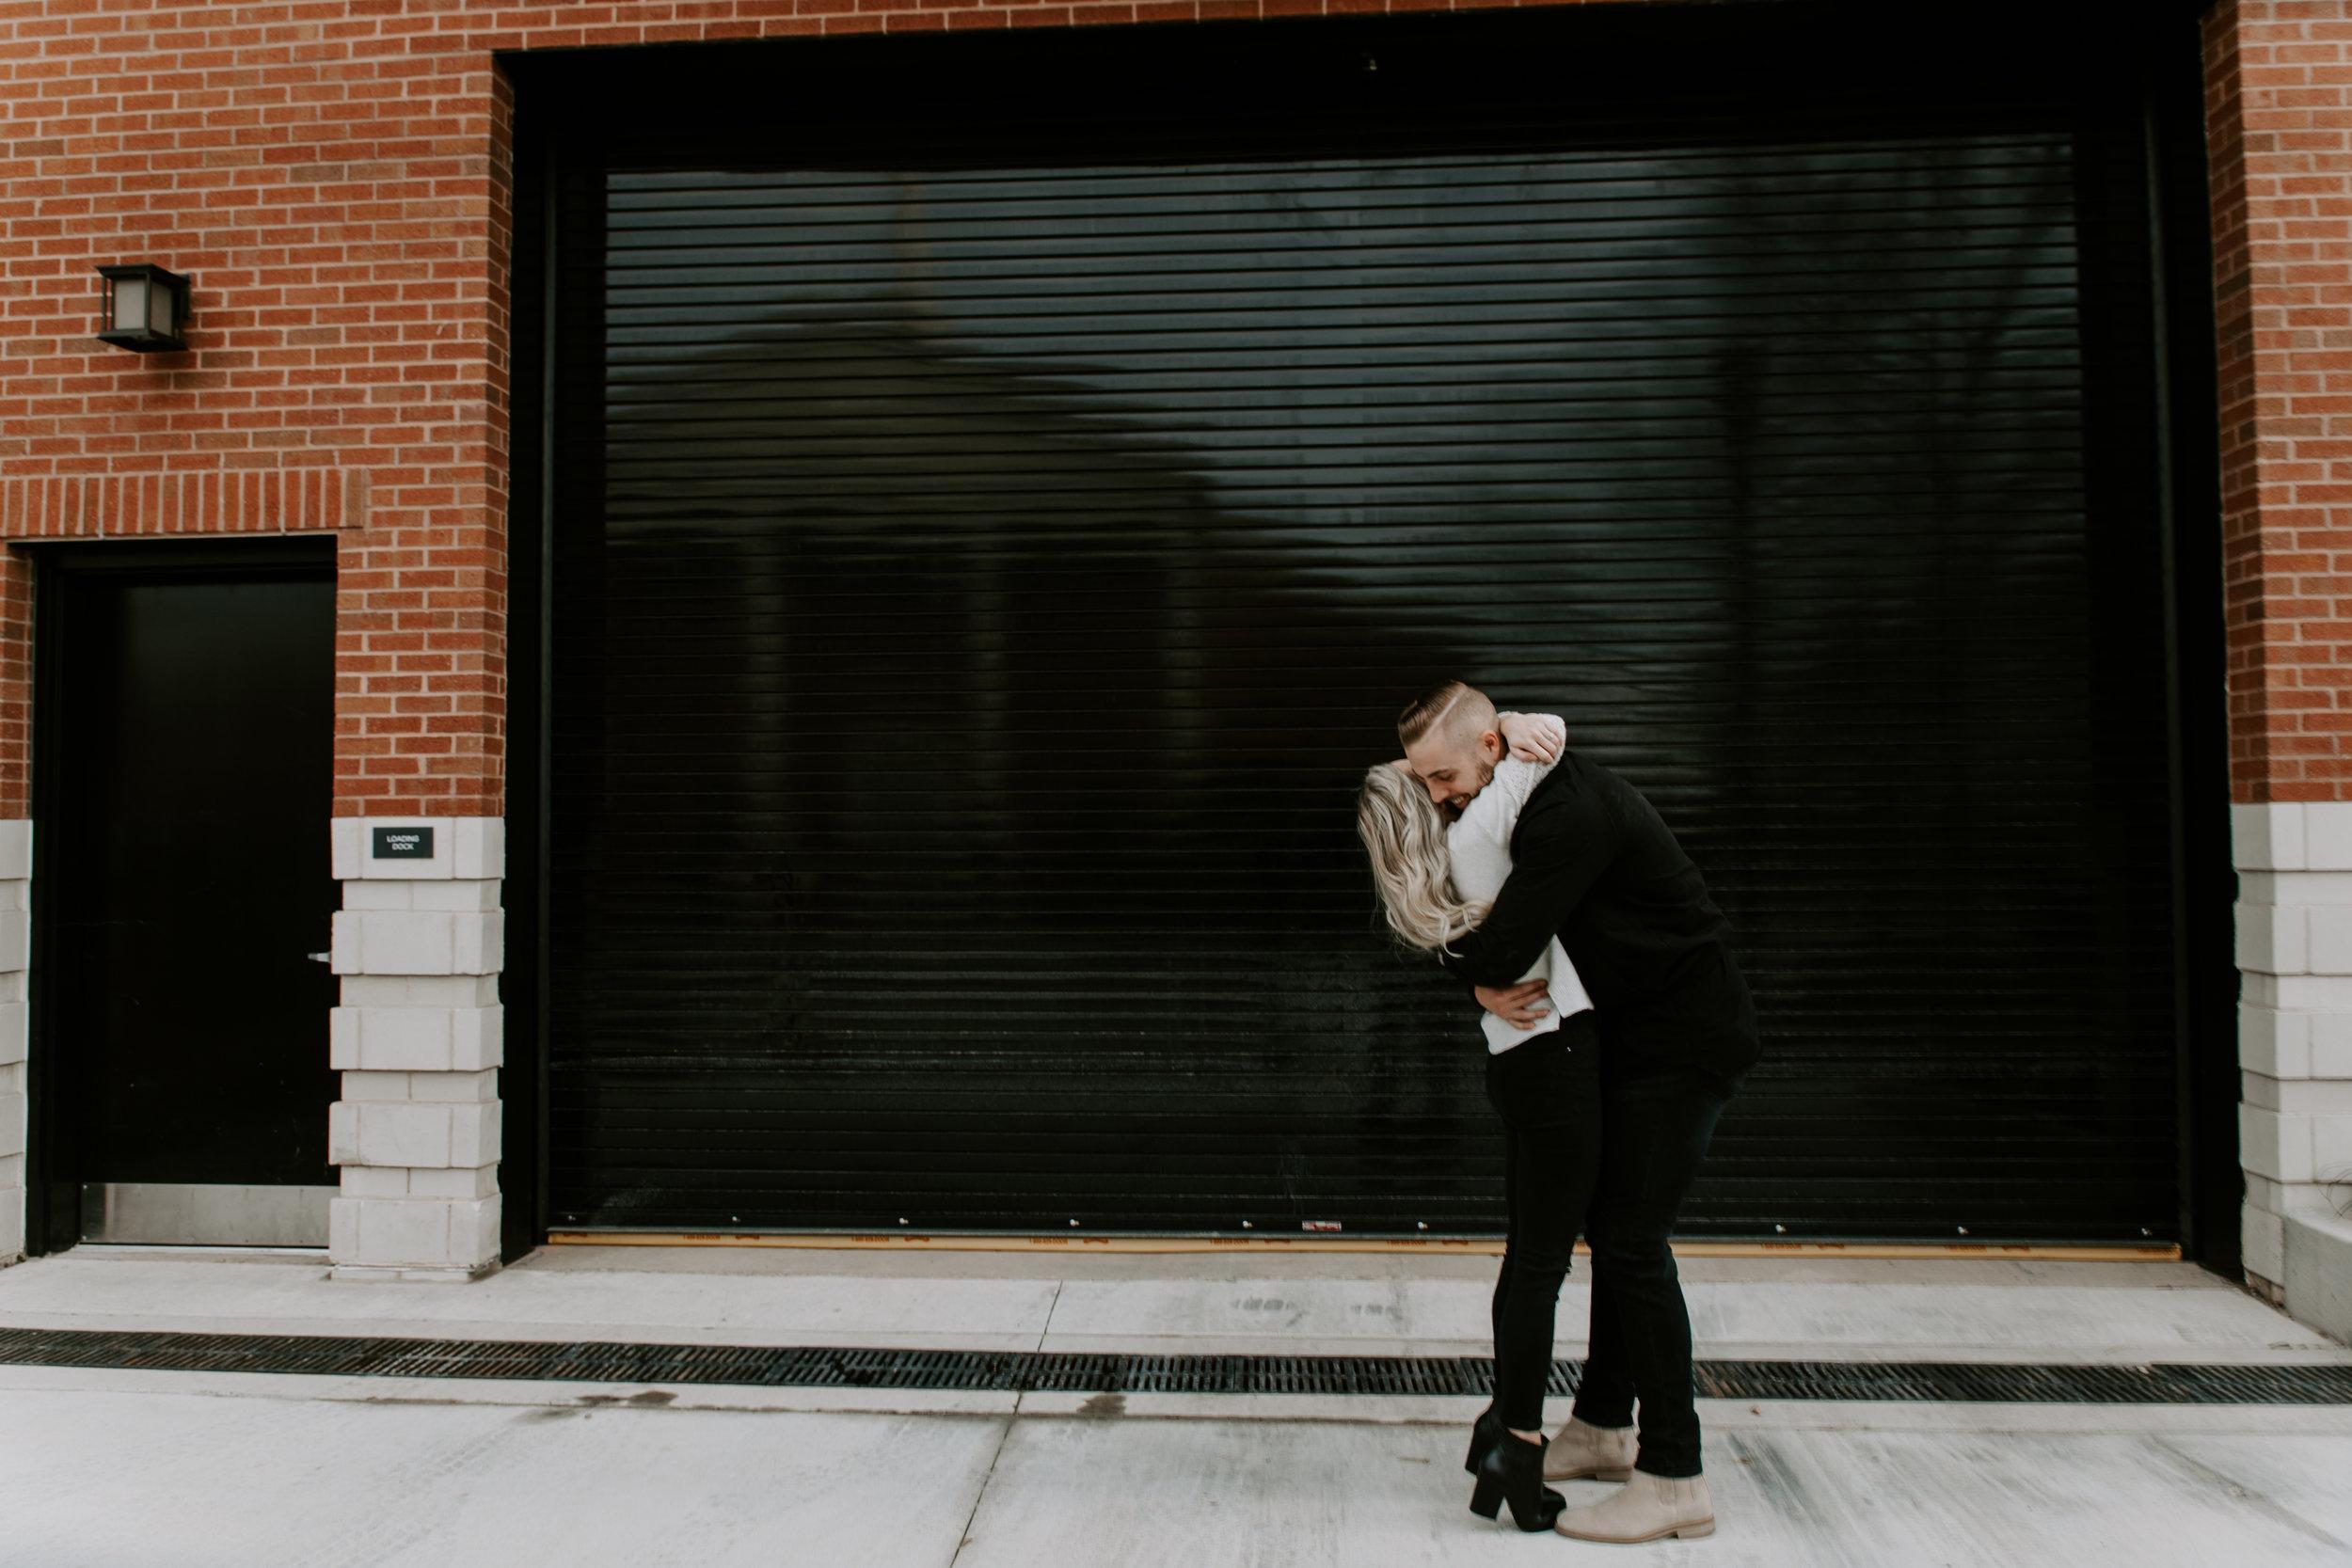 atlantafamilyphotographer-45.jpg